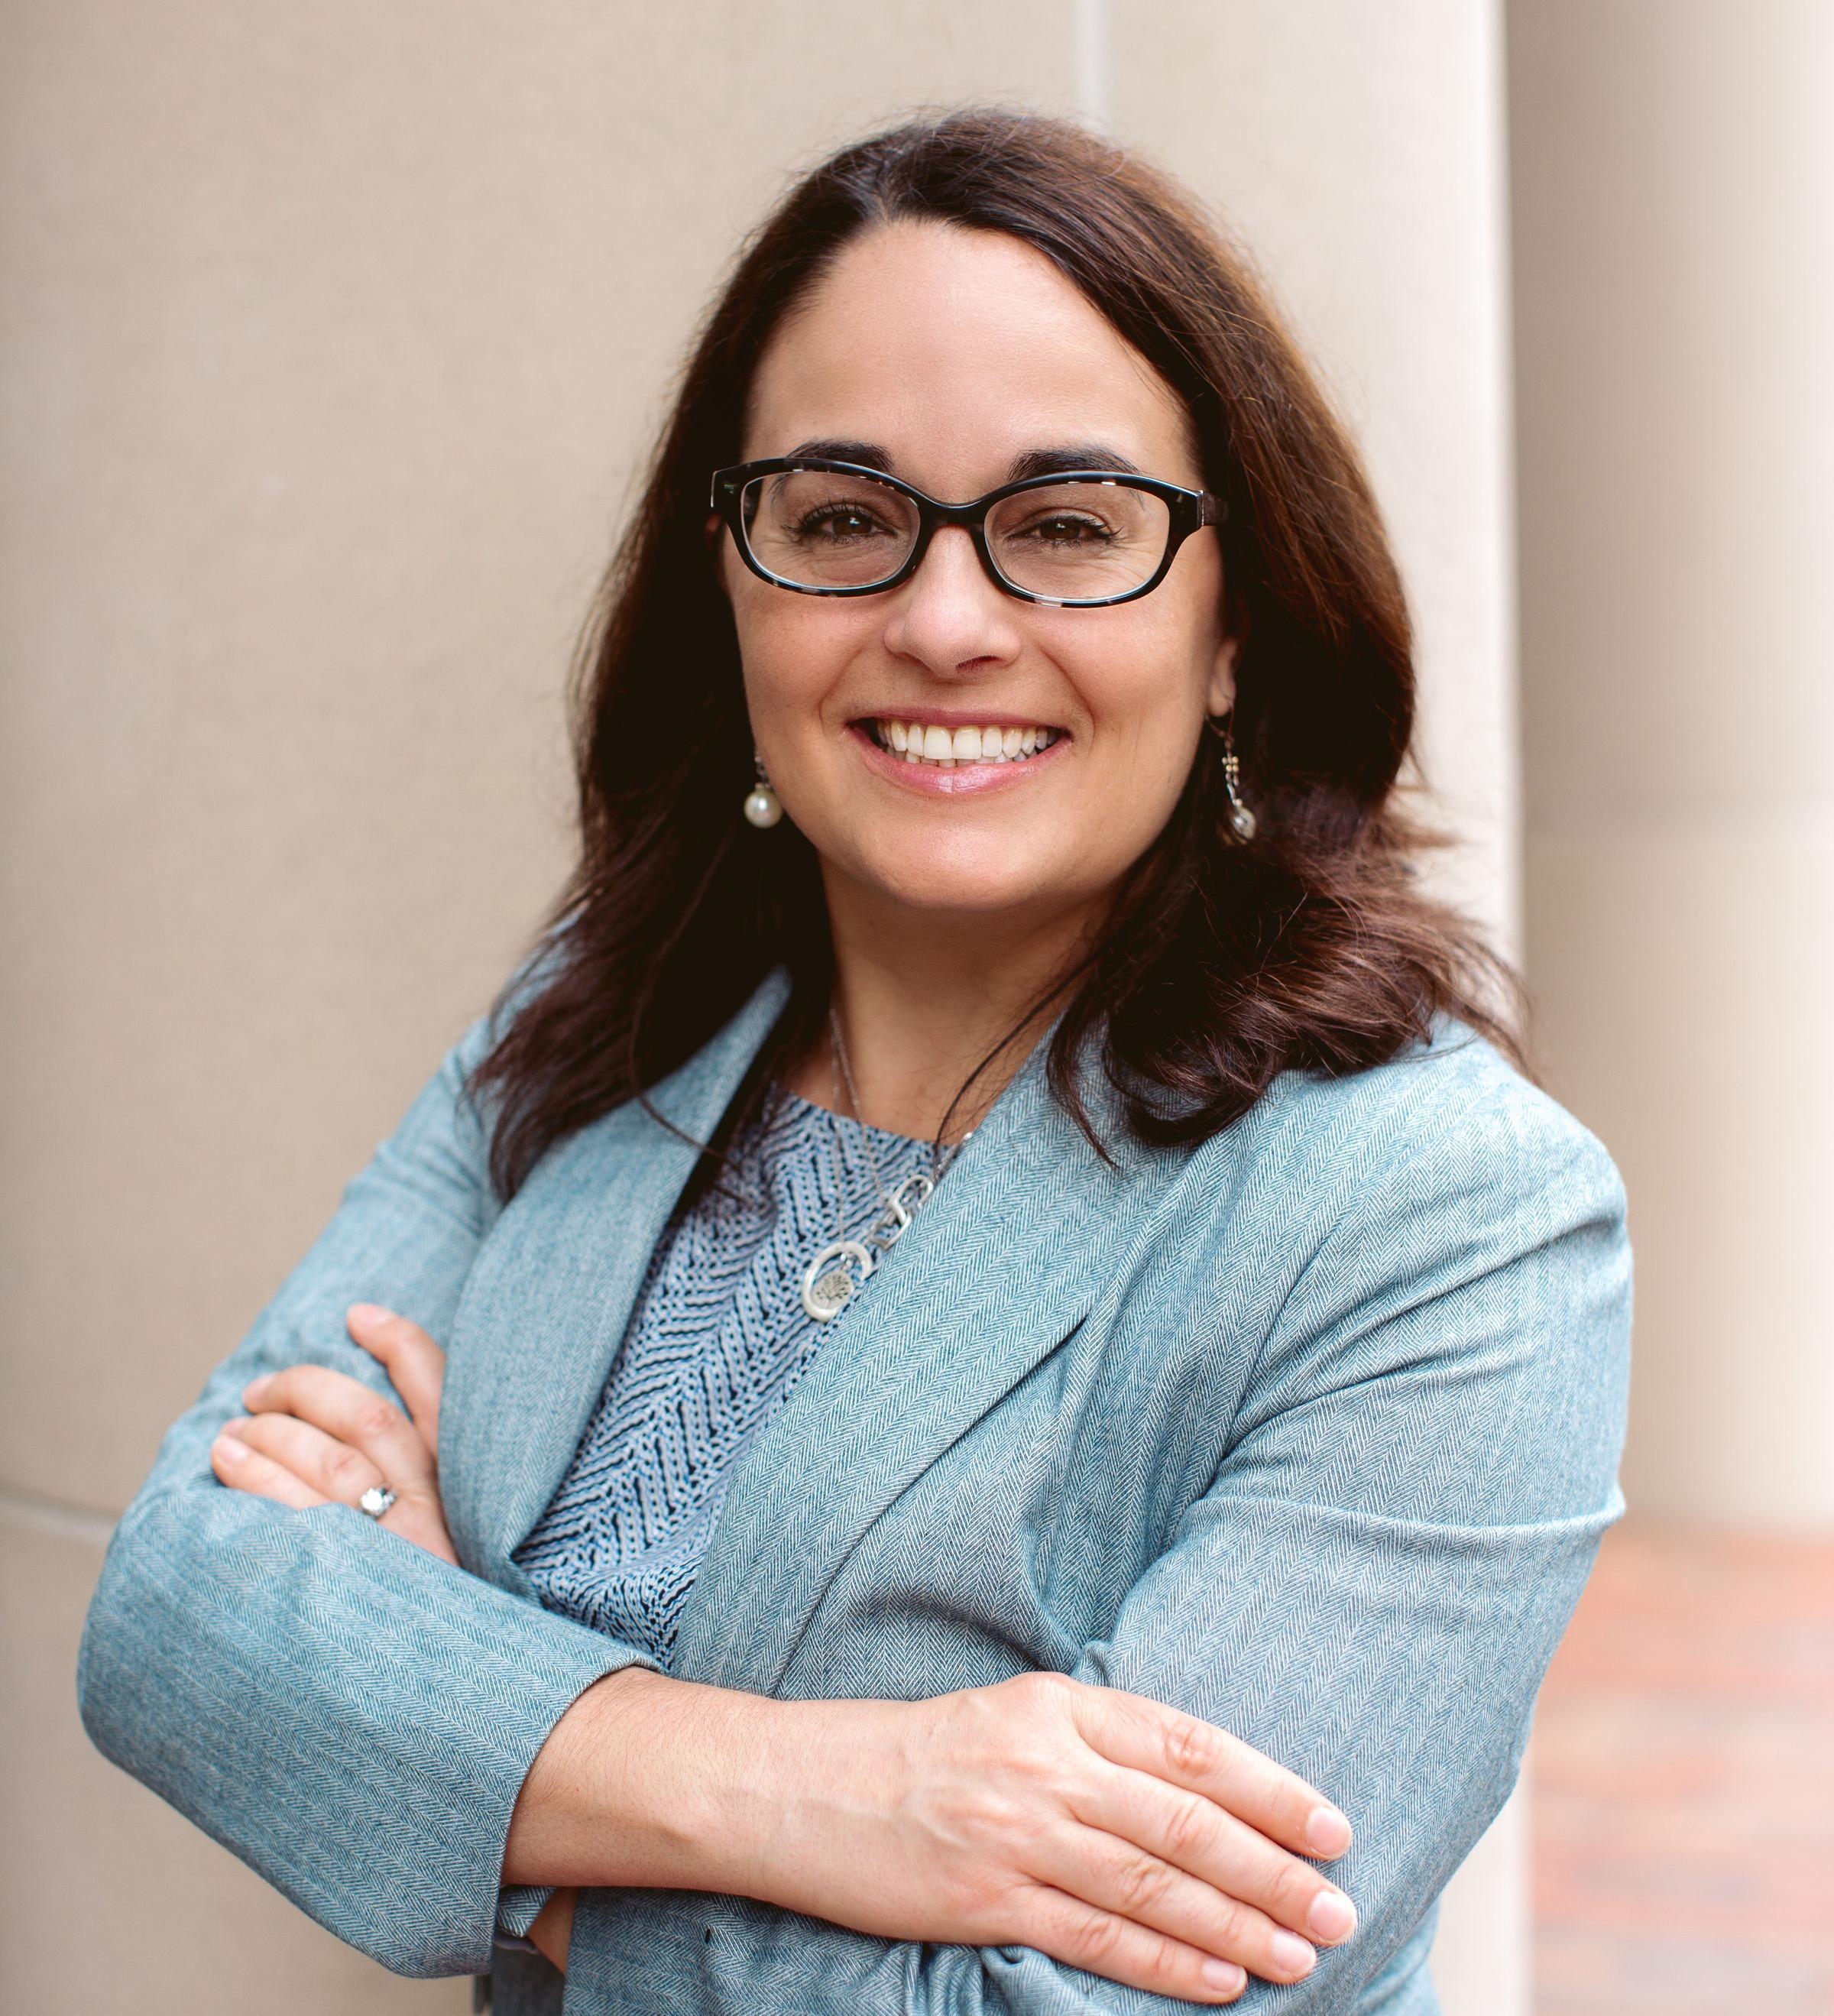 Elizabeth Kohler Maya's Profile Image